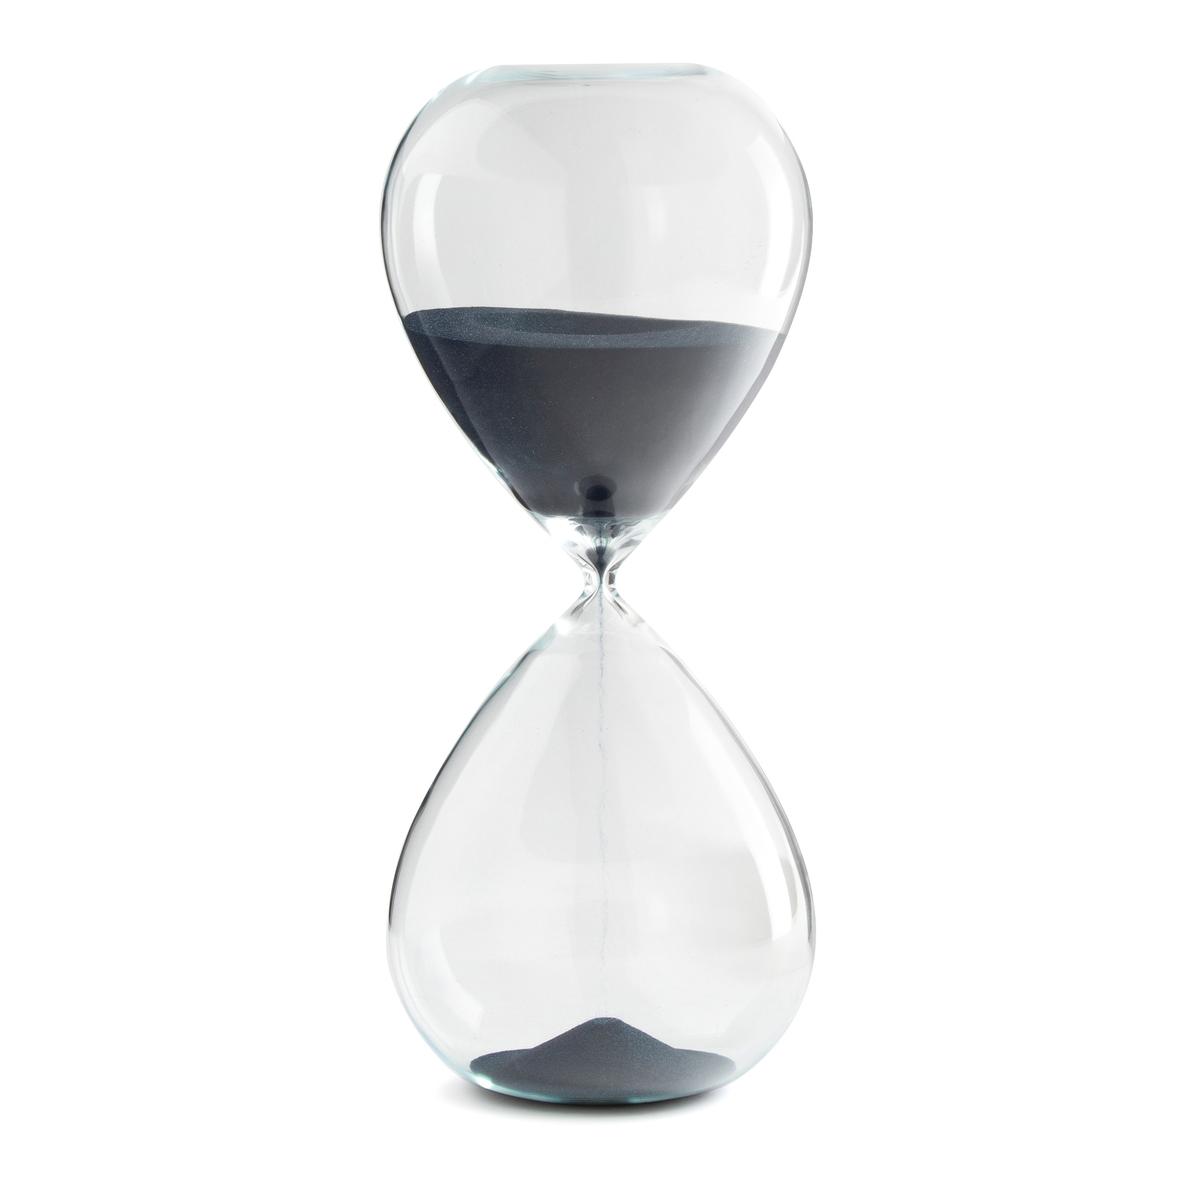 Фото - Песочные LaRedoute Часы В38 см Taimu единый размер синий песочные часы на 30 минут 21 см мультиколор